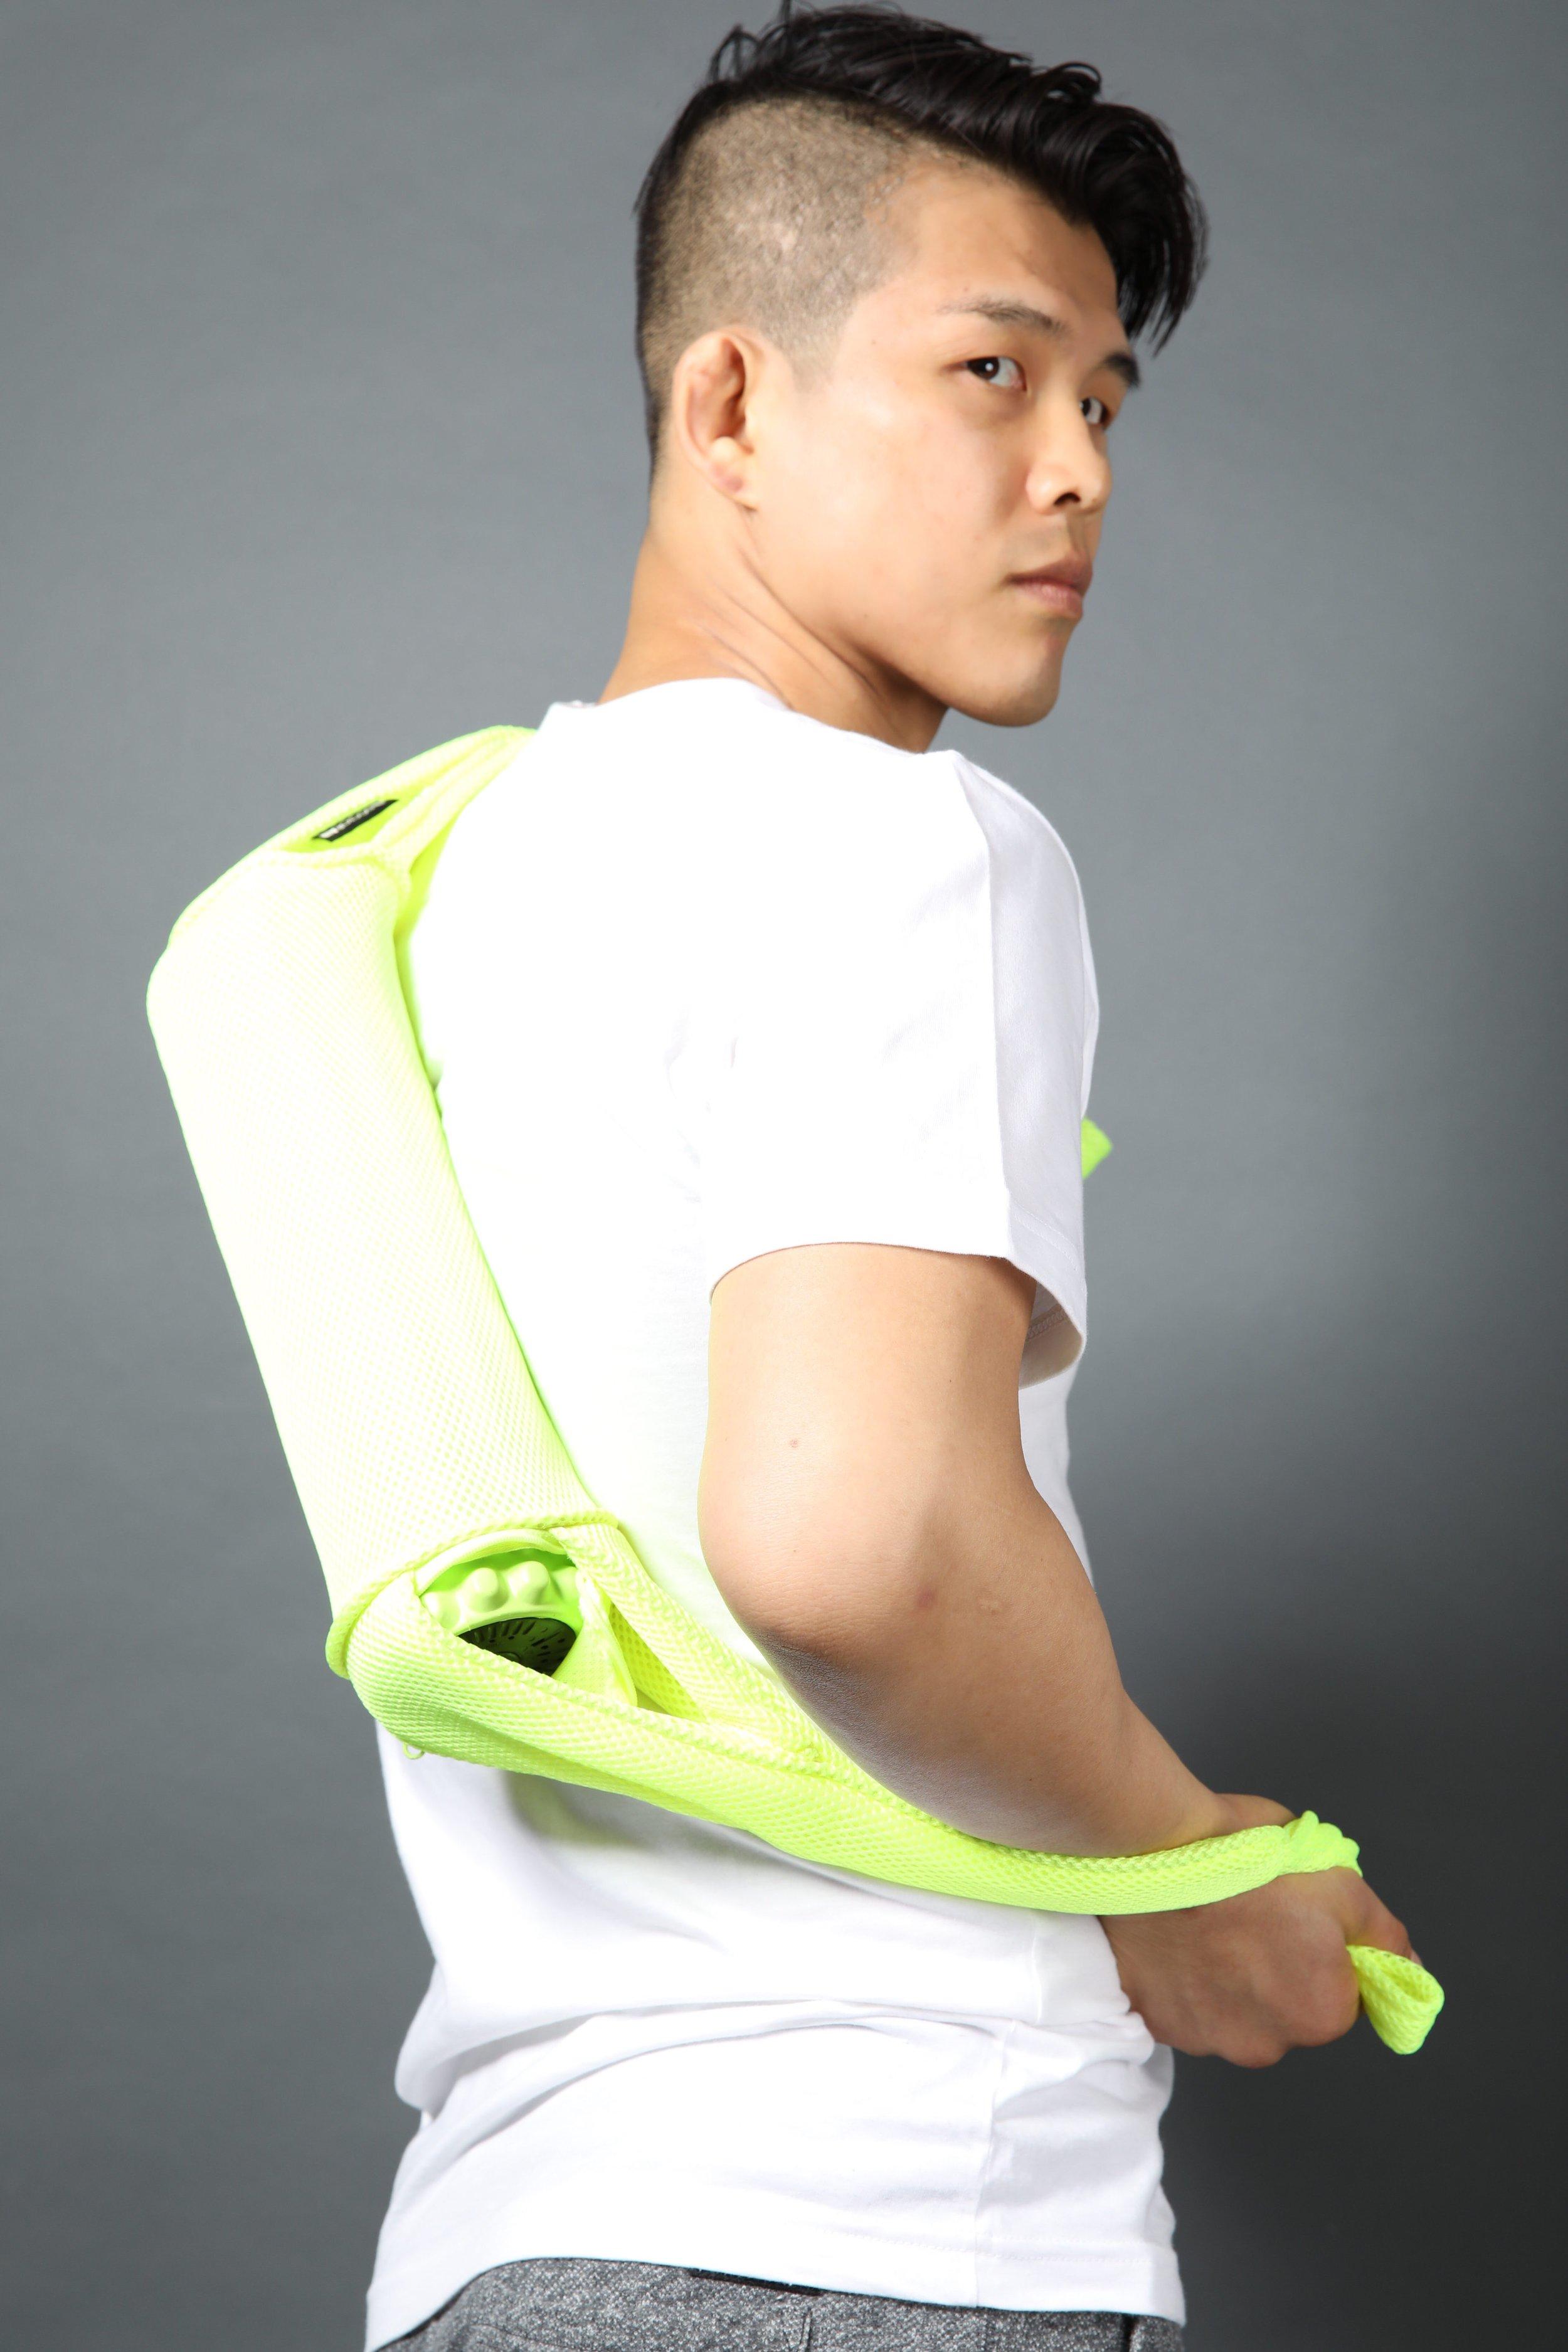 DOCTOR AIR 3D massage roll